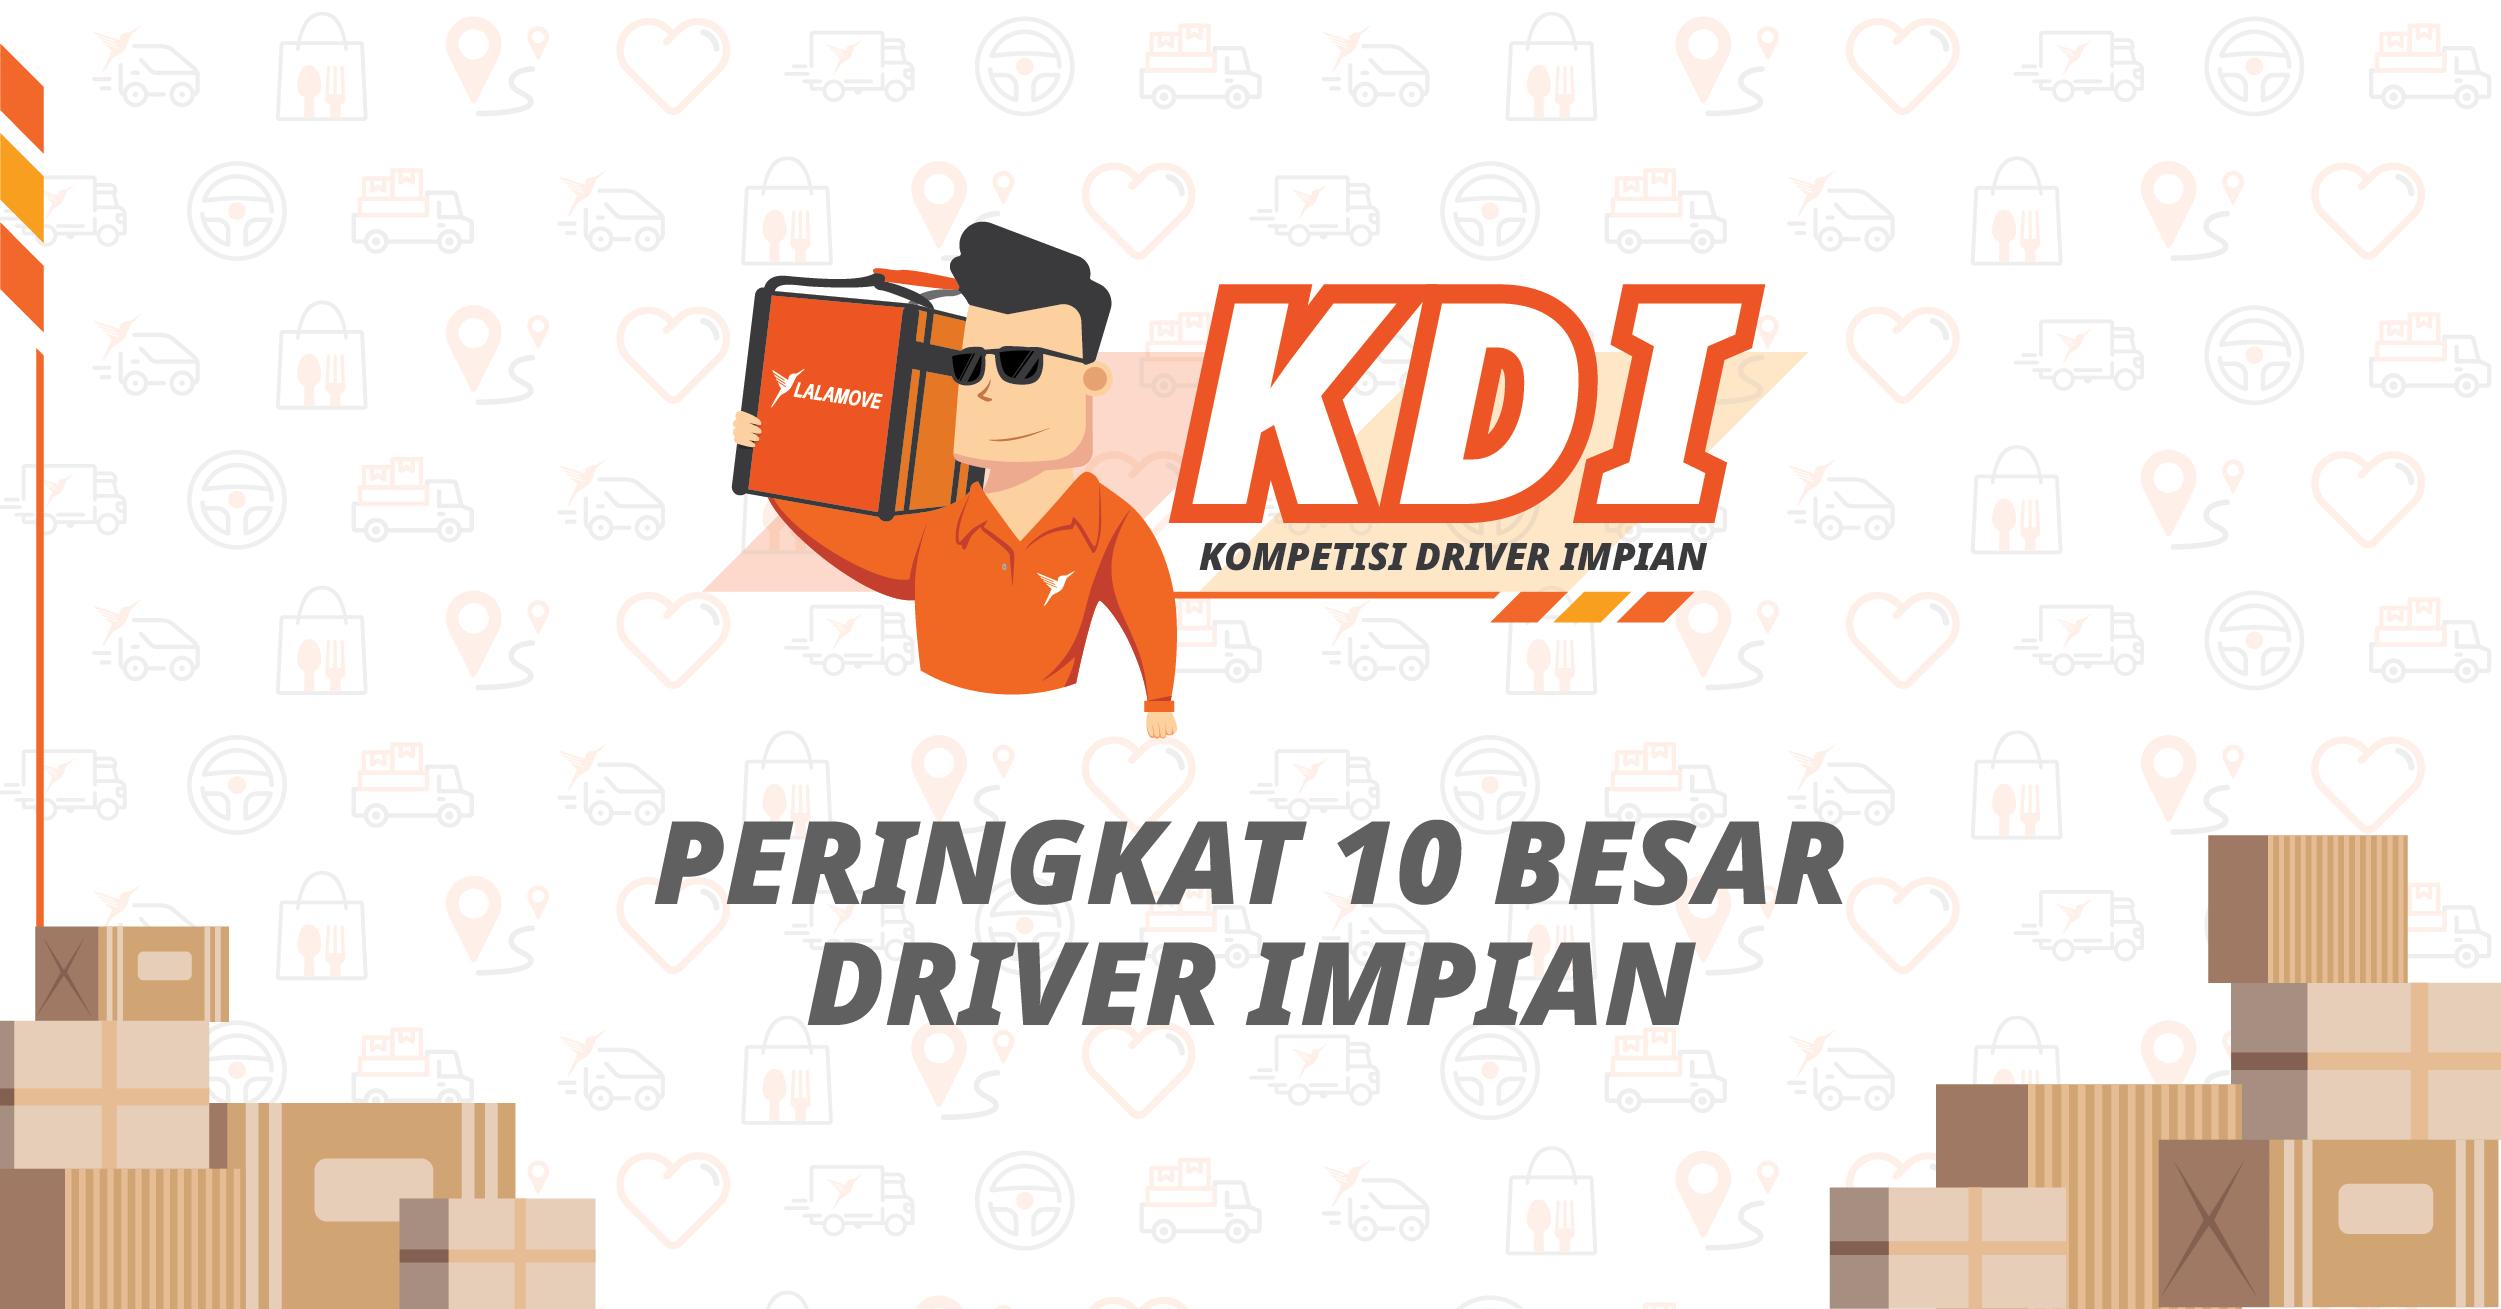 KDI_10besar-02